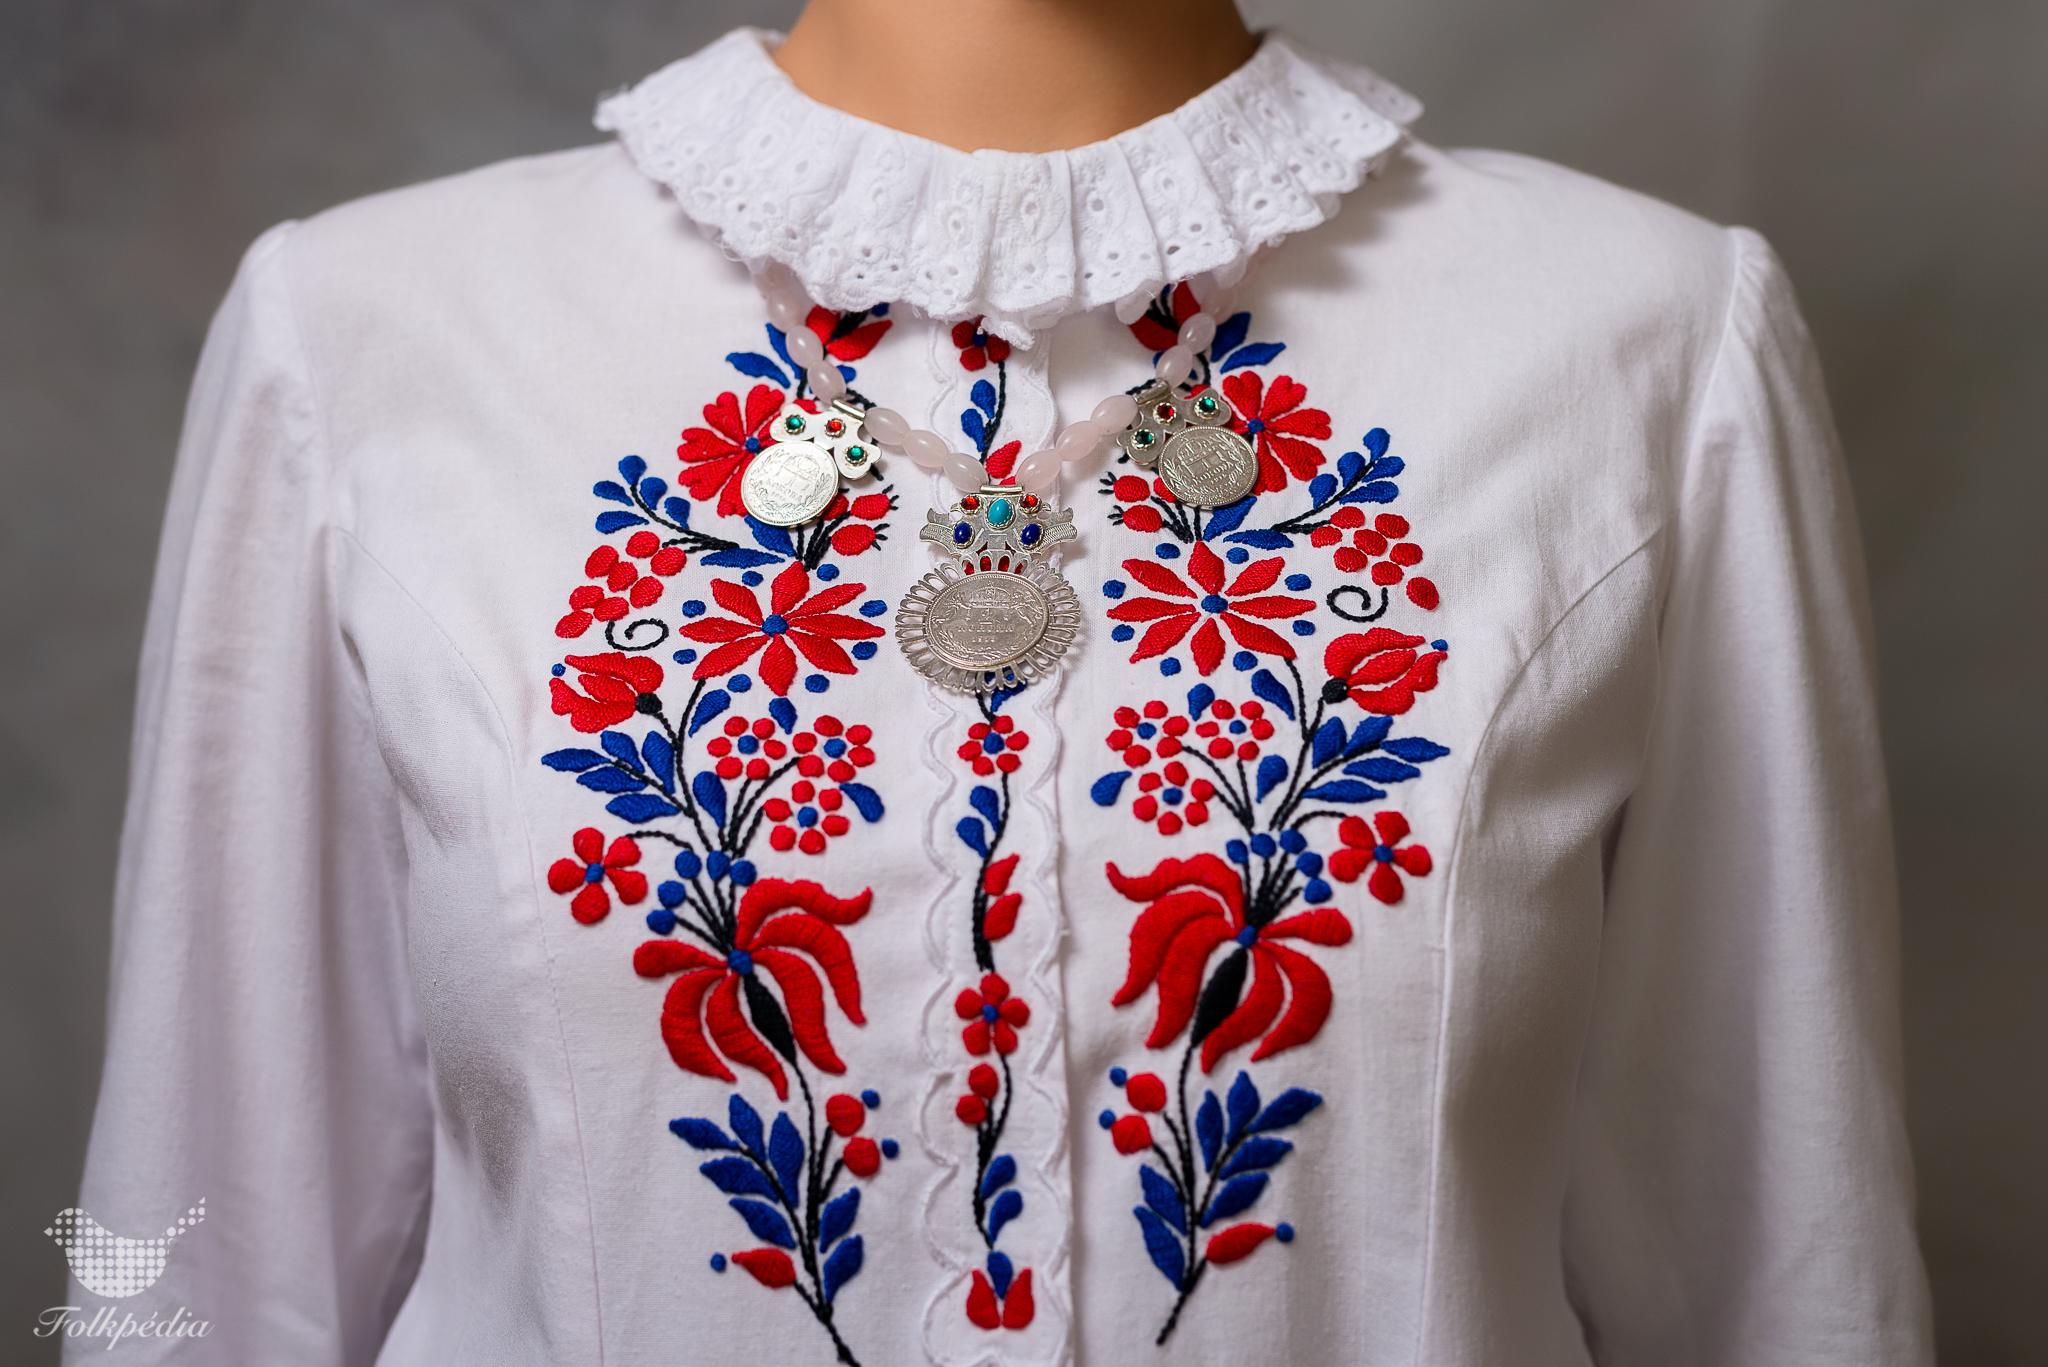 Kalocsai viseletek - Folkpédia 47997b7606